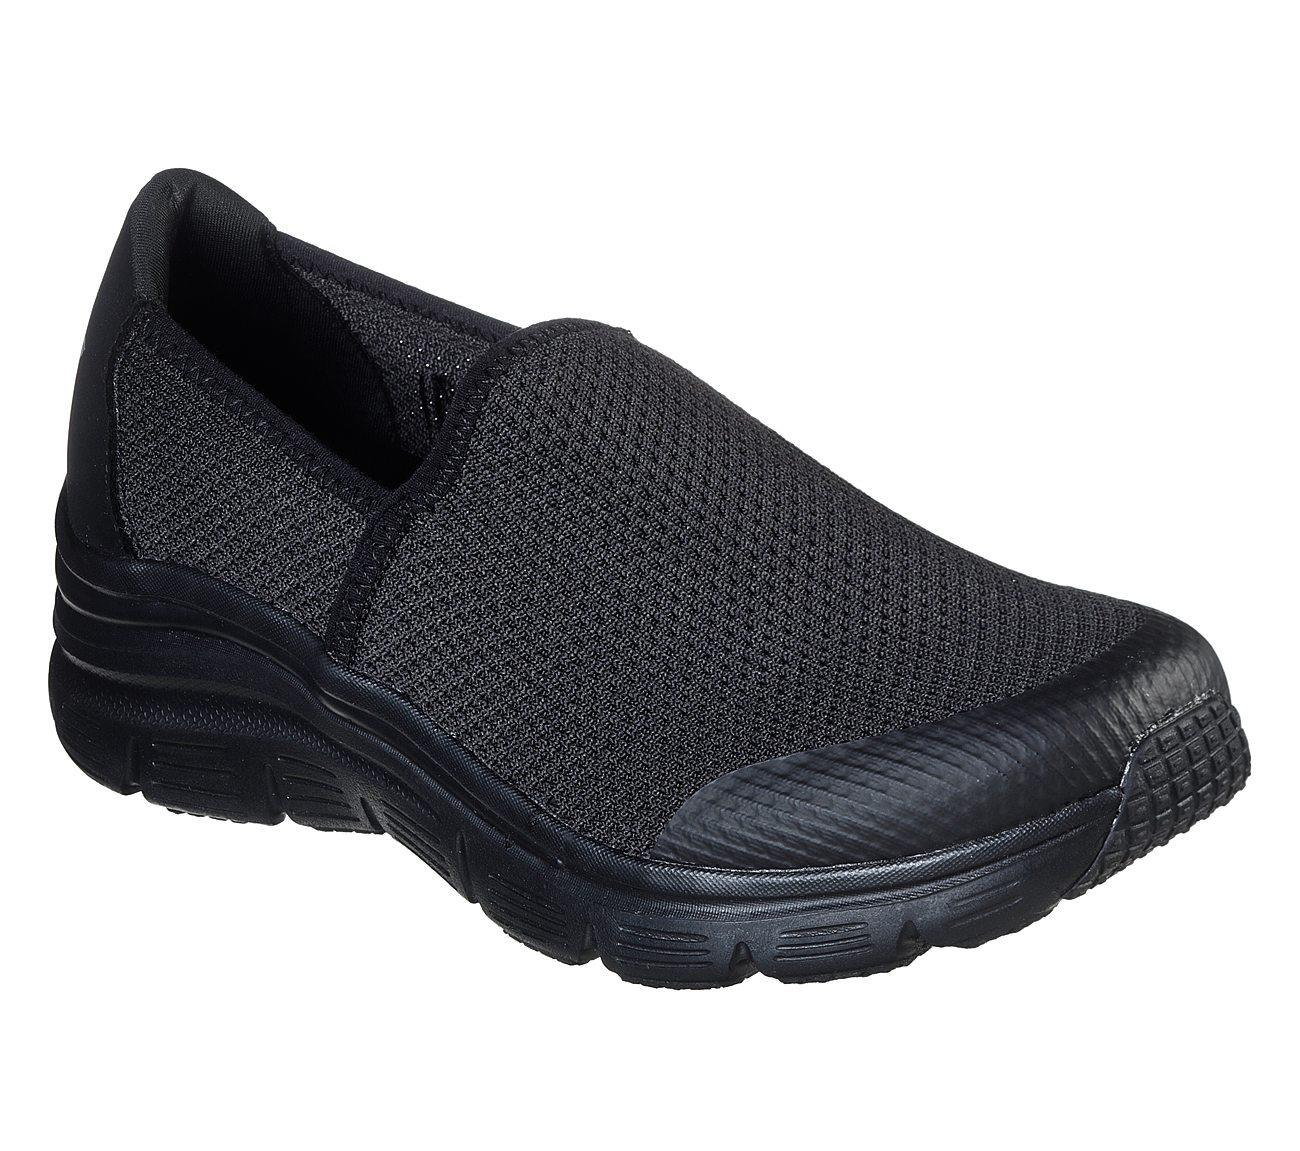 Skechers Fashıon Fıt Erkek Ayakkabısı